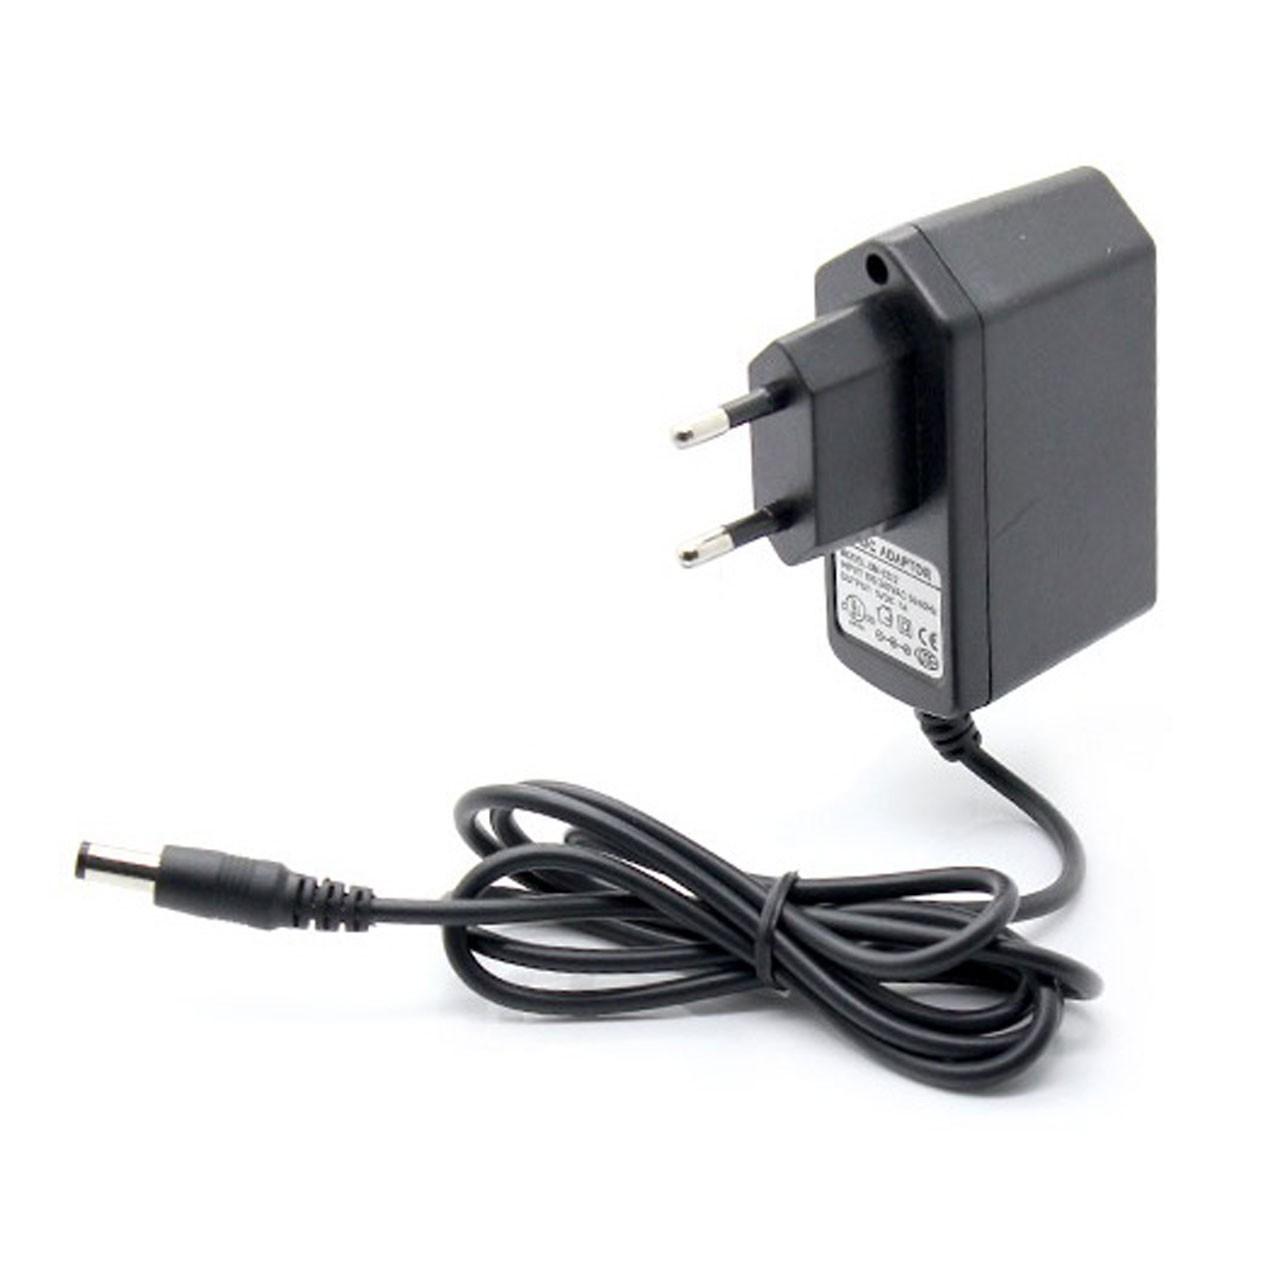 آداپتور 5 ولت 1 آمپر مخصوص هاب های USB